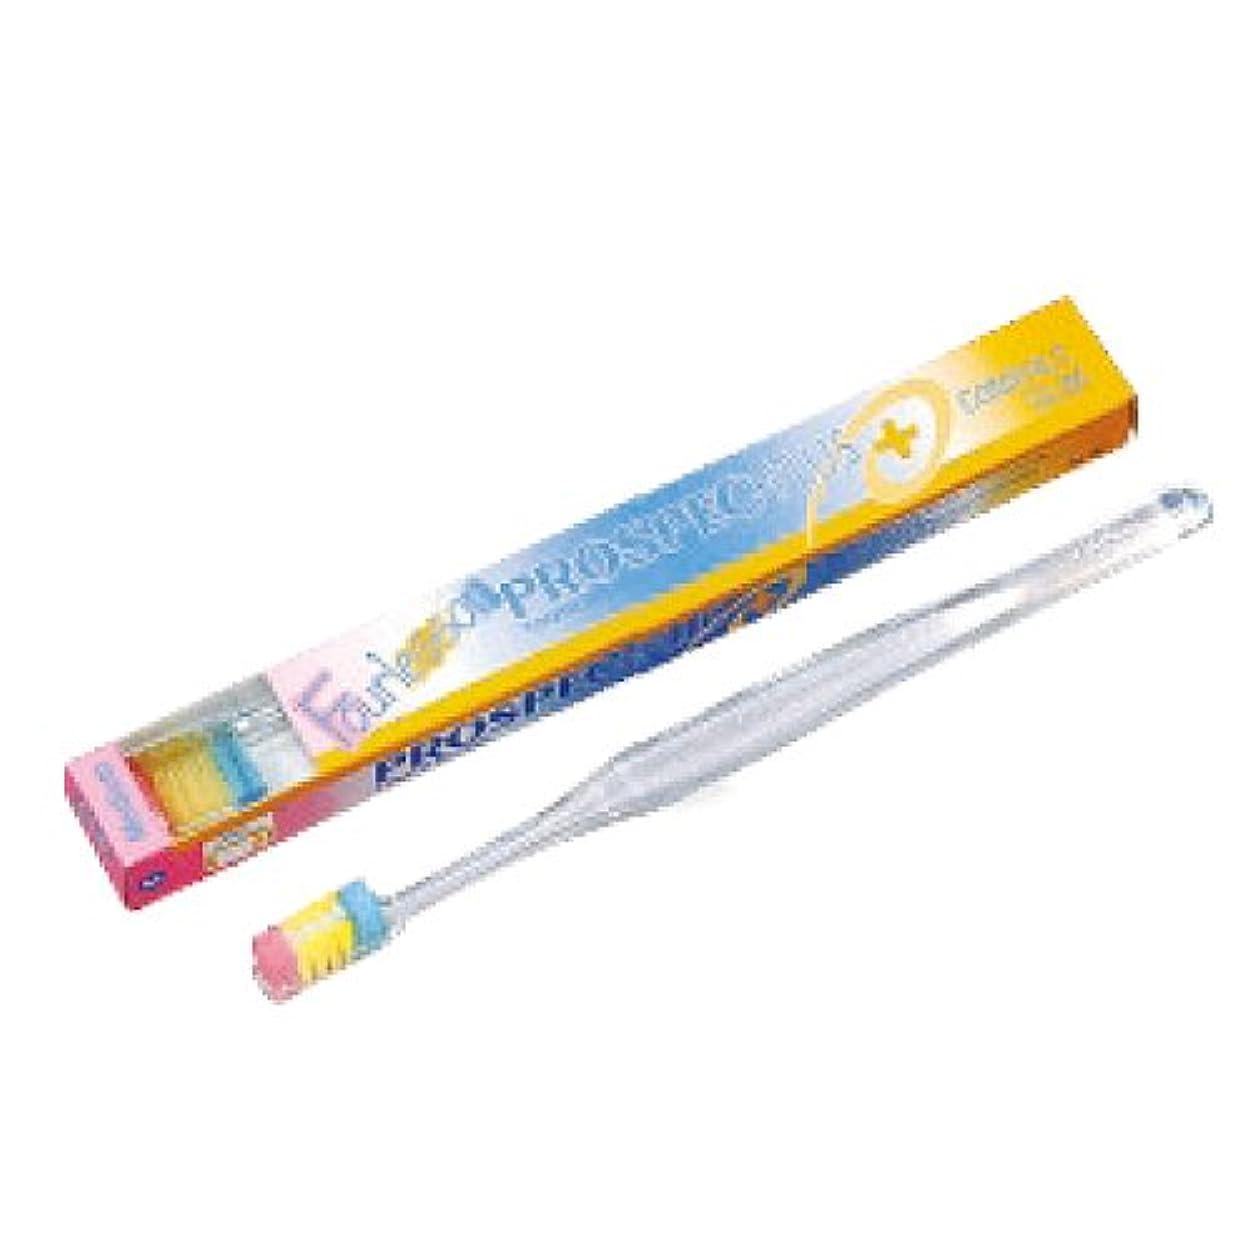 やさしい歯誰プロスペック 歯ブラシ コンパクトスリム 1本 フォーレッスン 毛の硬さ ふつう